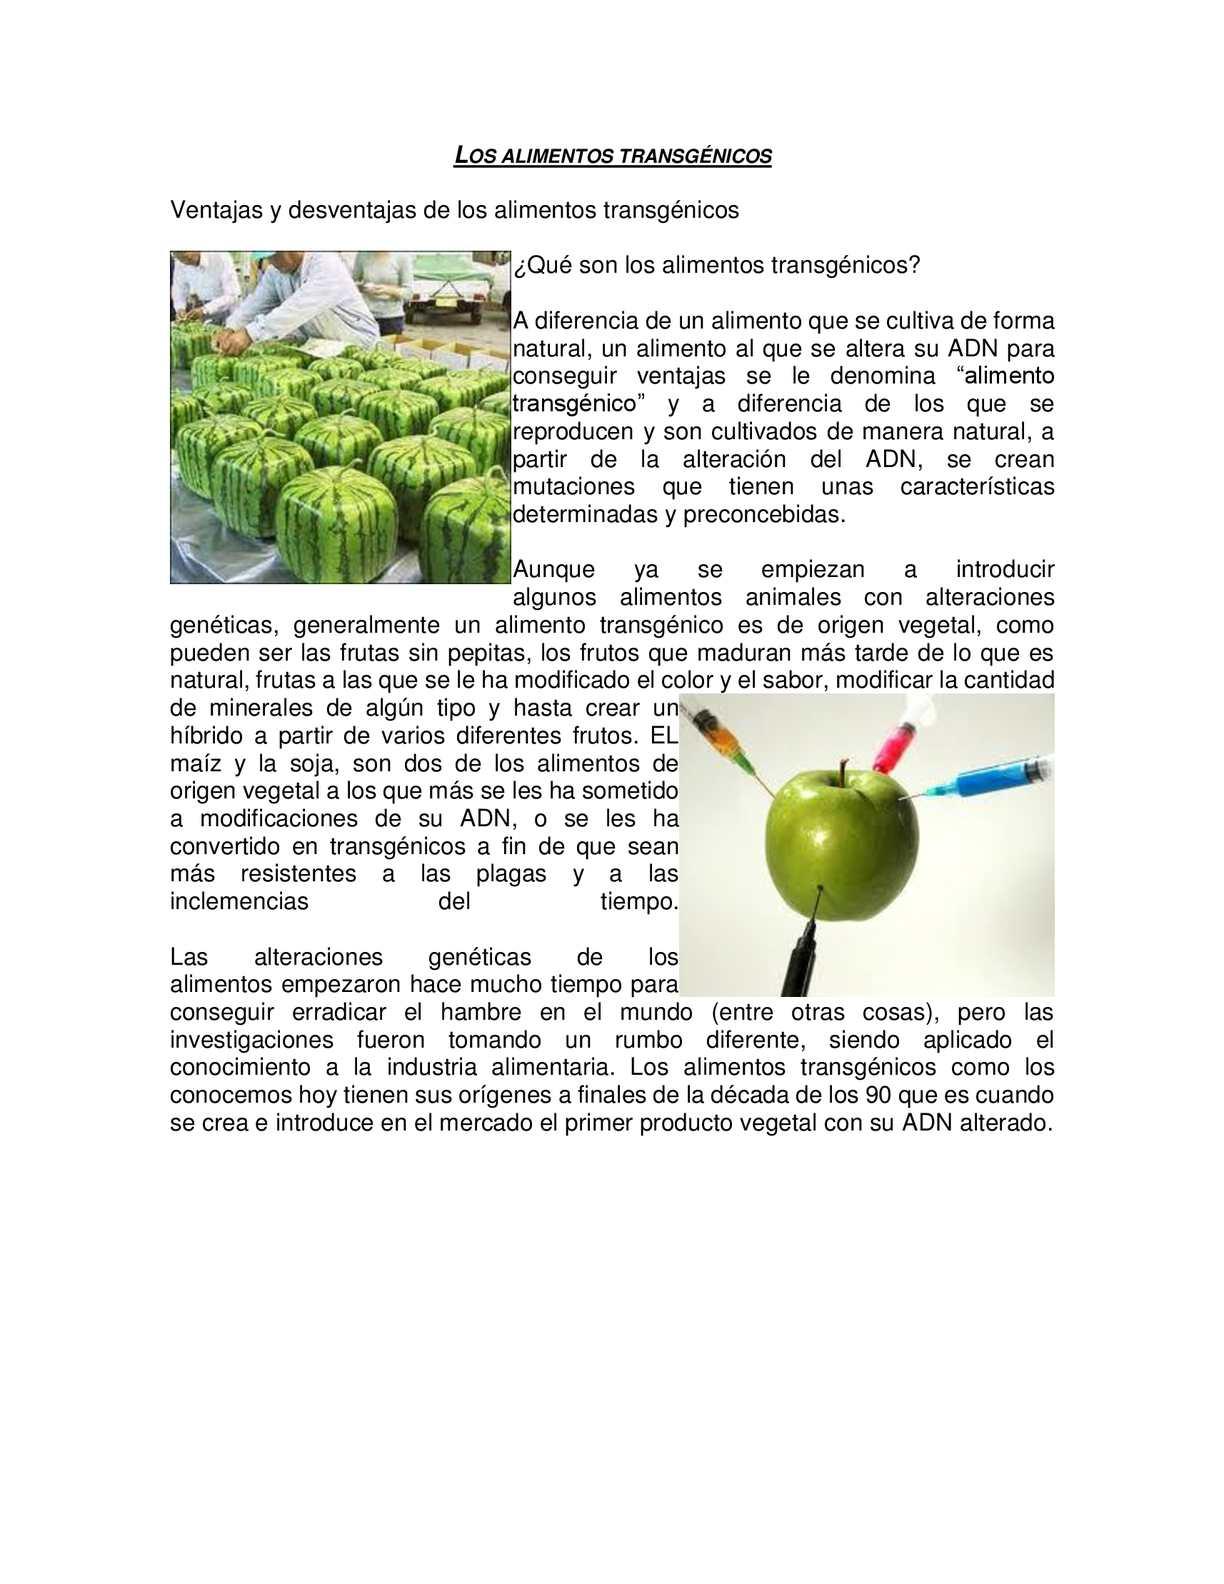 Calam o alimentos transg nicos - Ventajas alimentos transgenicos ...